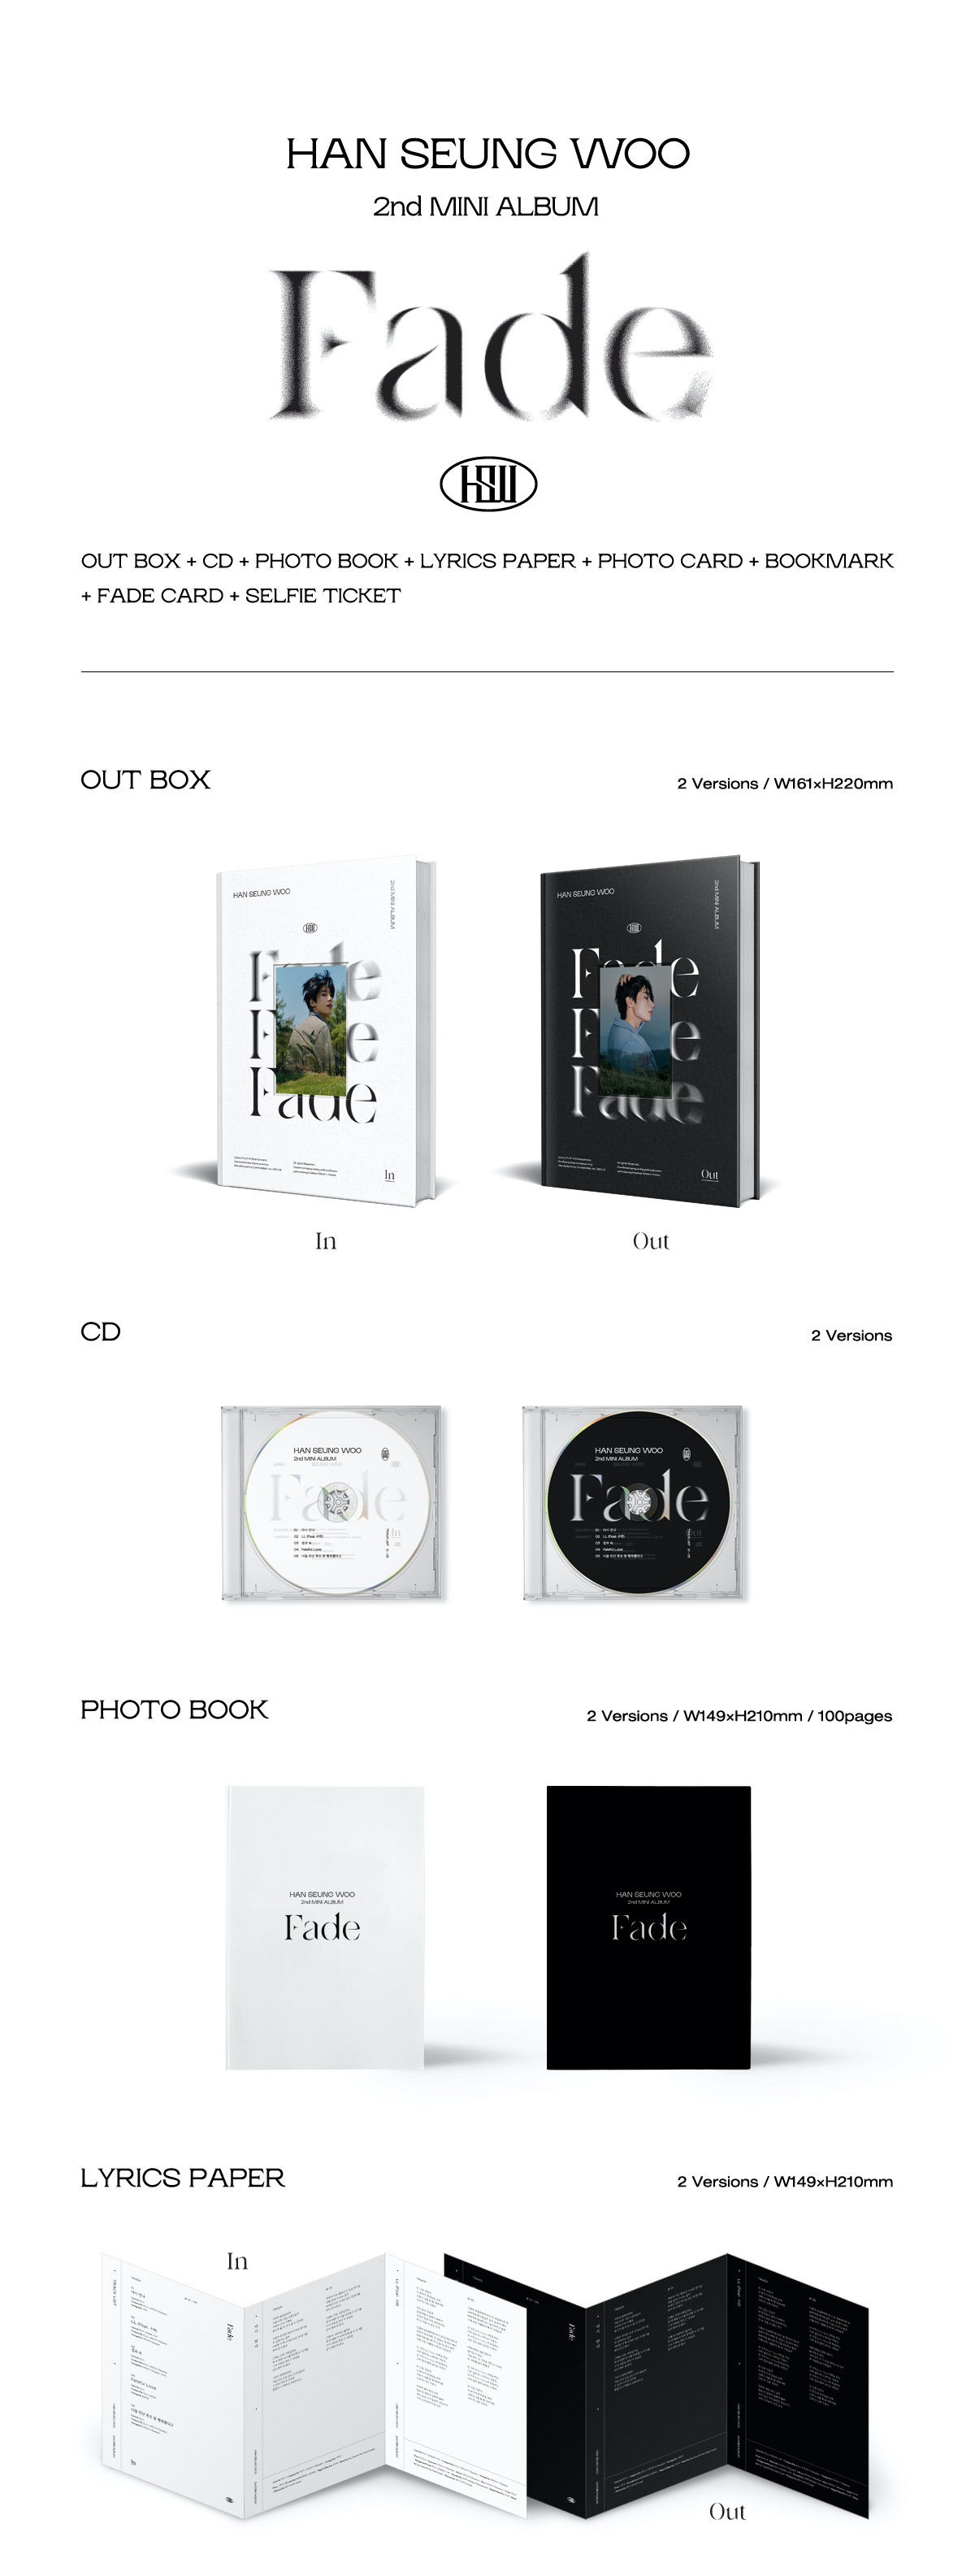 【6月30日開催/2部/2枚セット購入用】ハン・スンウ 2nd Mini Album [Fade]【オンライン握手会抽選対象】